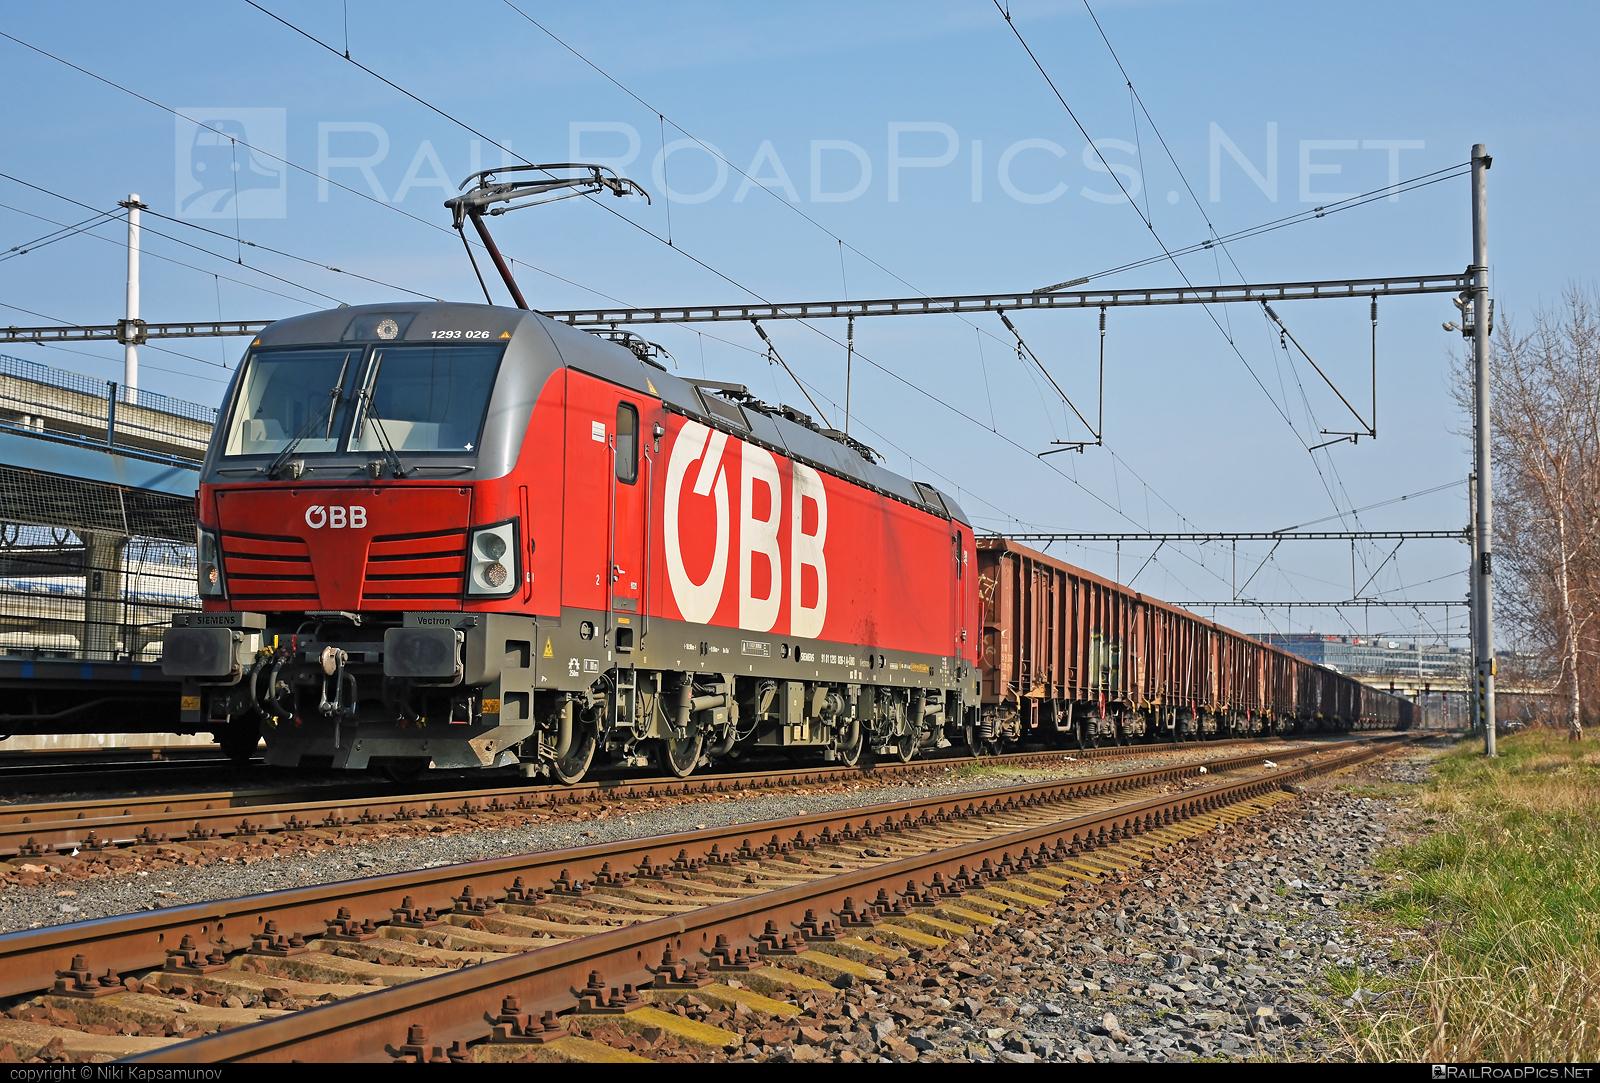 Siemens Vectron MS - 1293 026 operated by Rail Cargo Austria AG #obb #osterreichischebundesbahnen #rcw #siemens #siemensvectron #siemensvectronms #vectron #vectronms